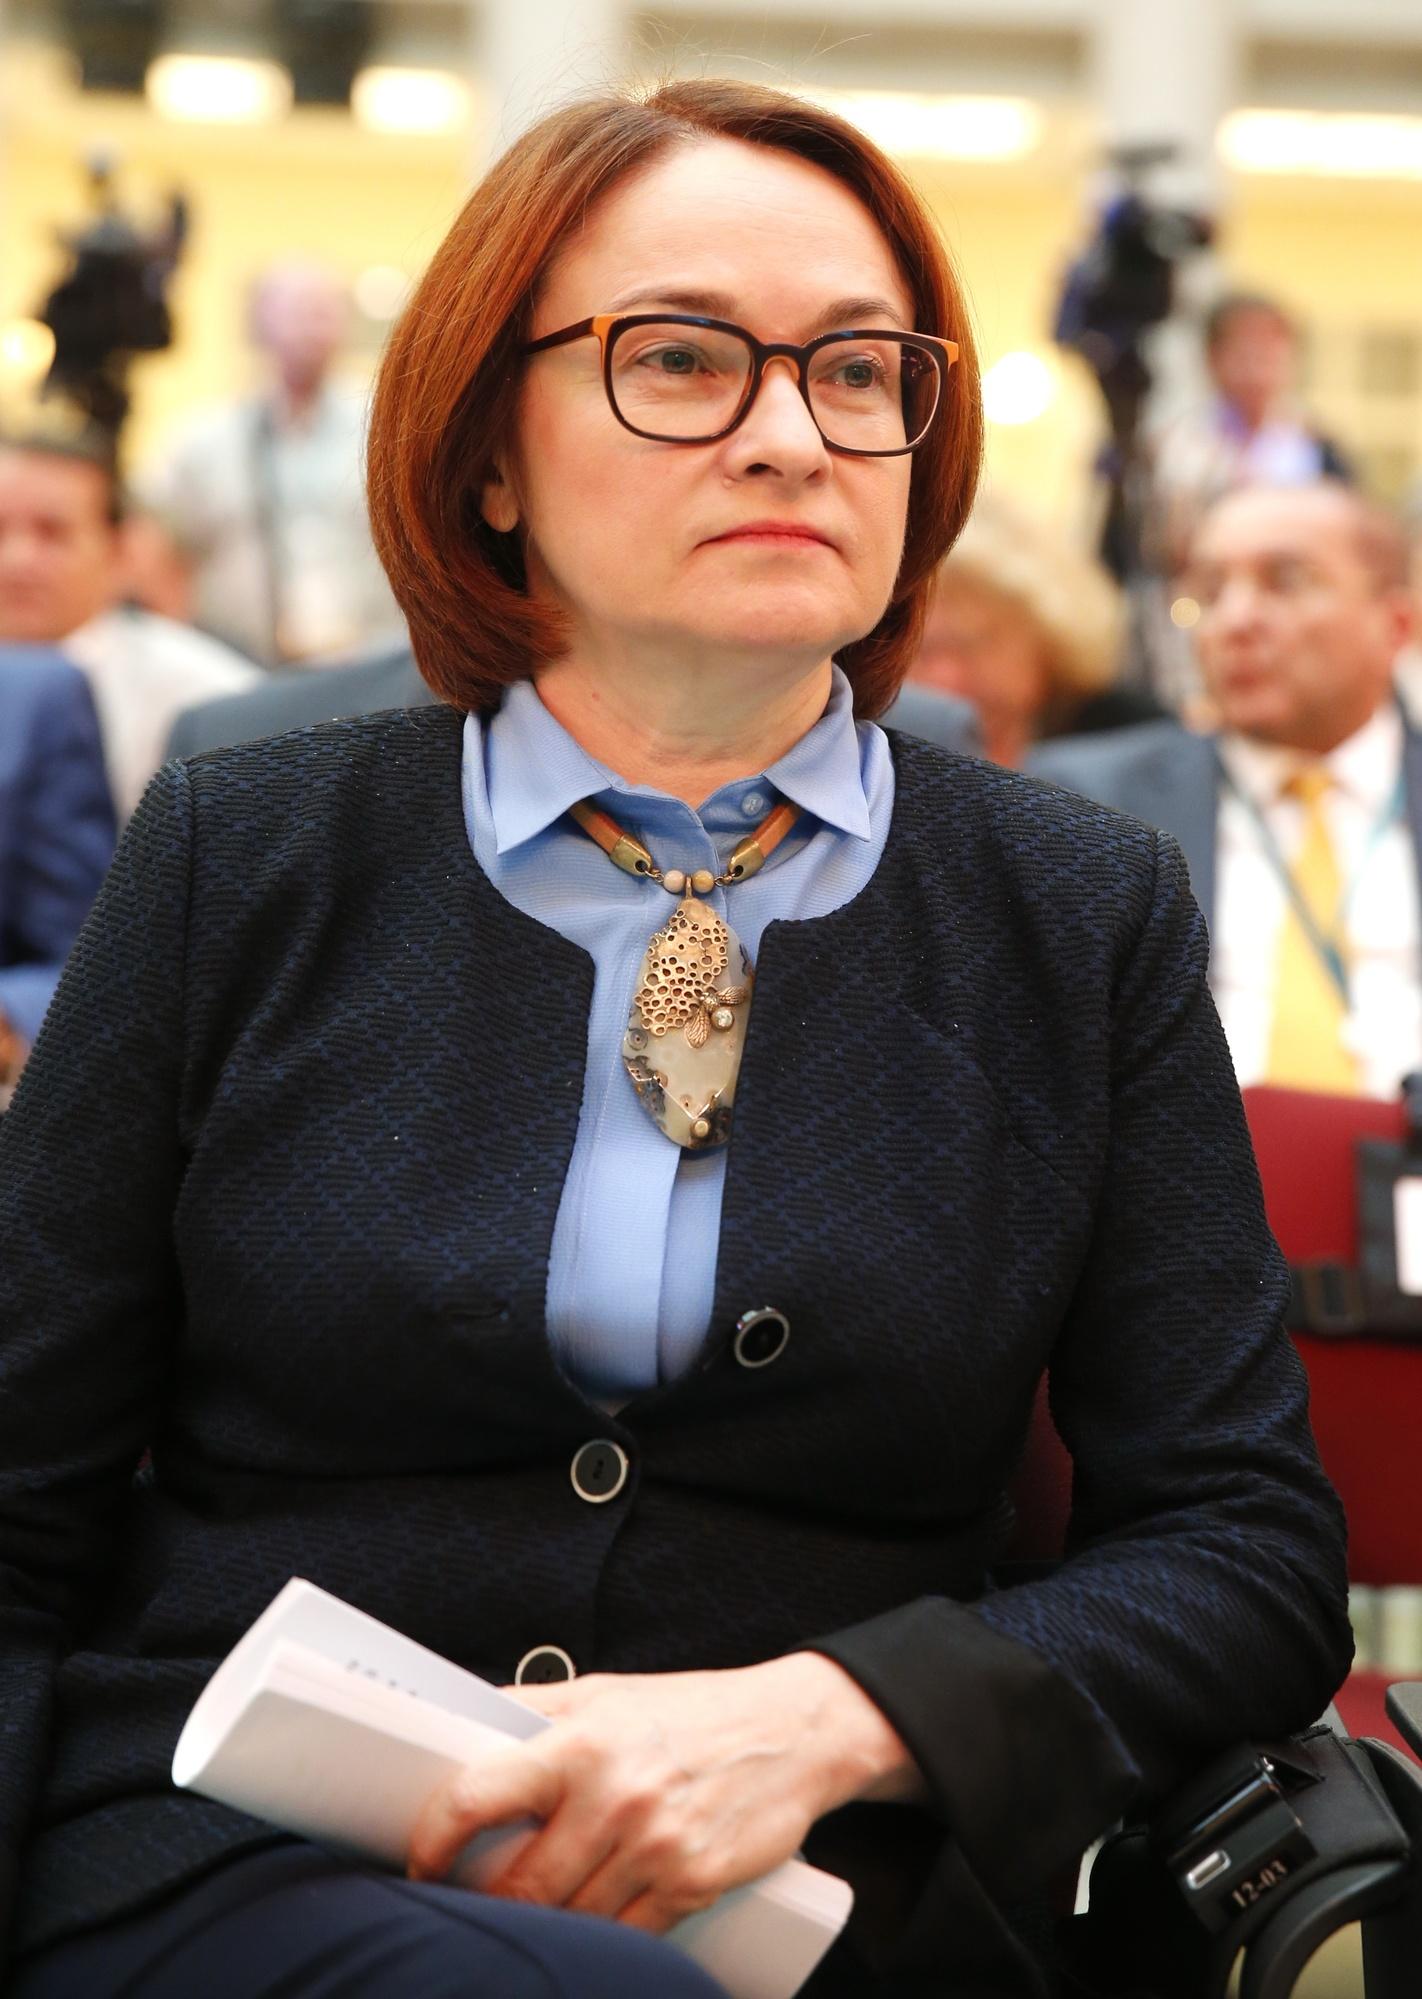 «Символ устойчивости»: в Сети обсуждают брошь-неваляшку Эльвиры Набиуллиной